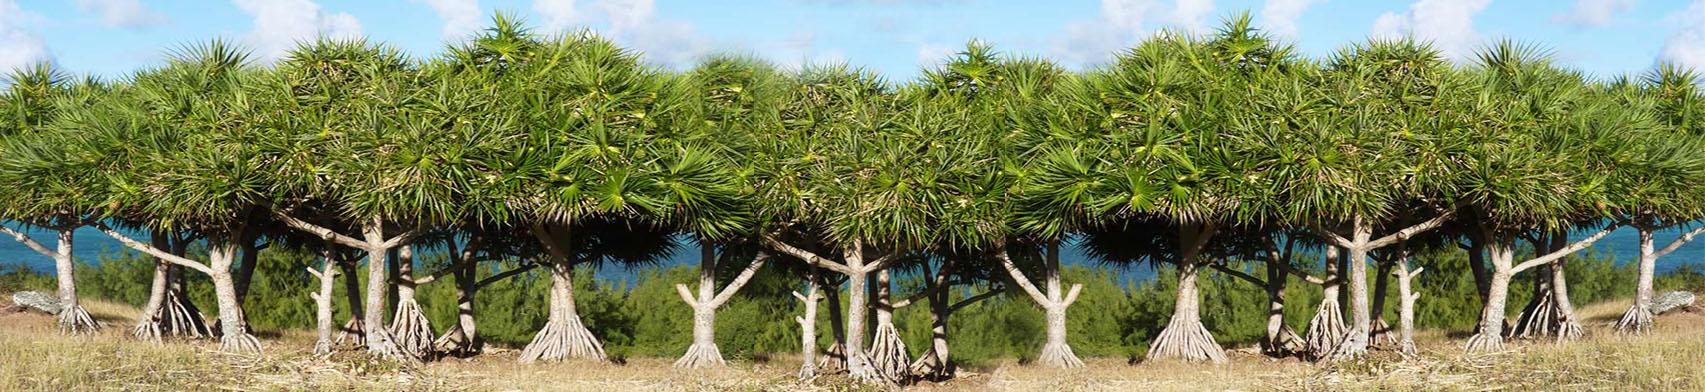 about_us_bakwa_tree-1